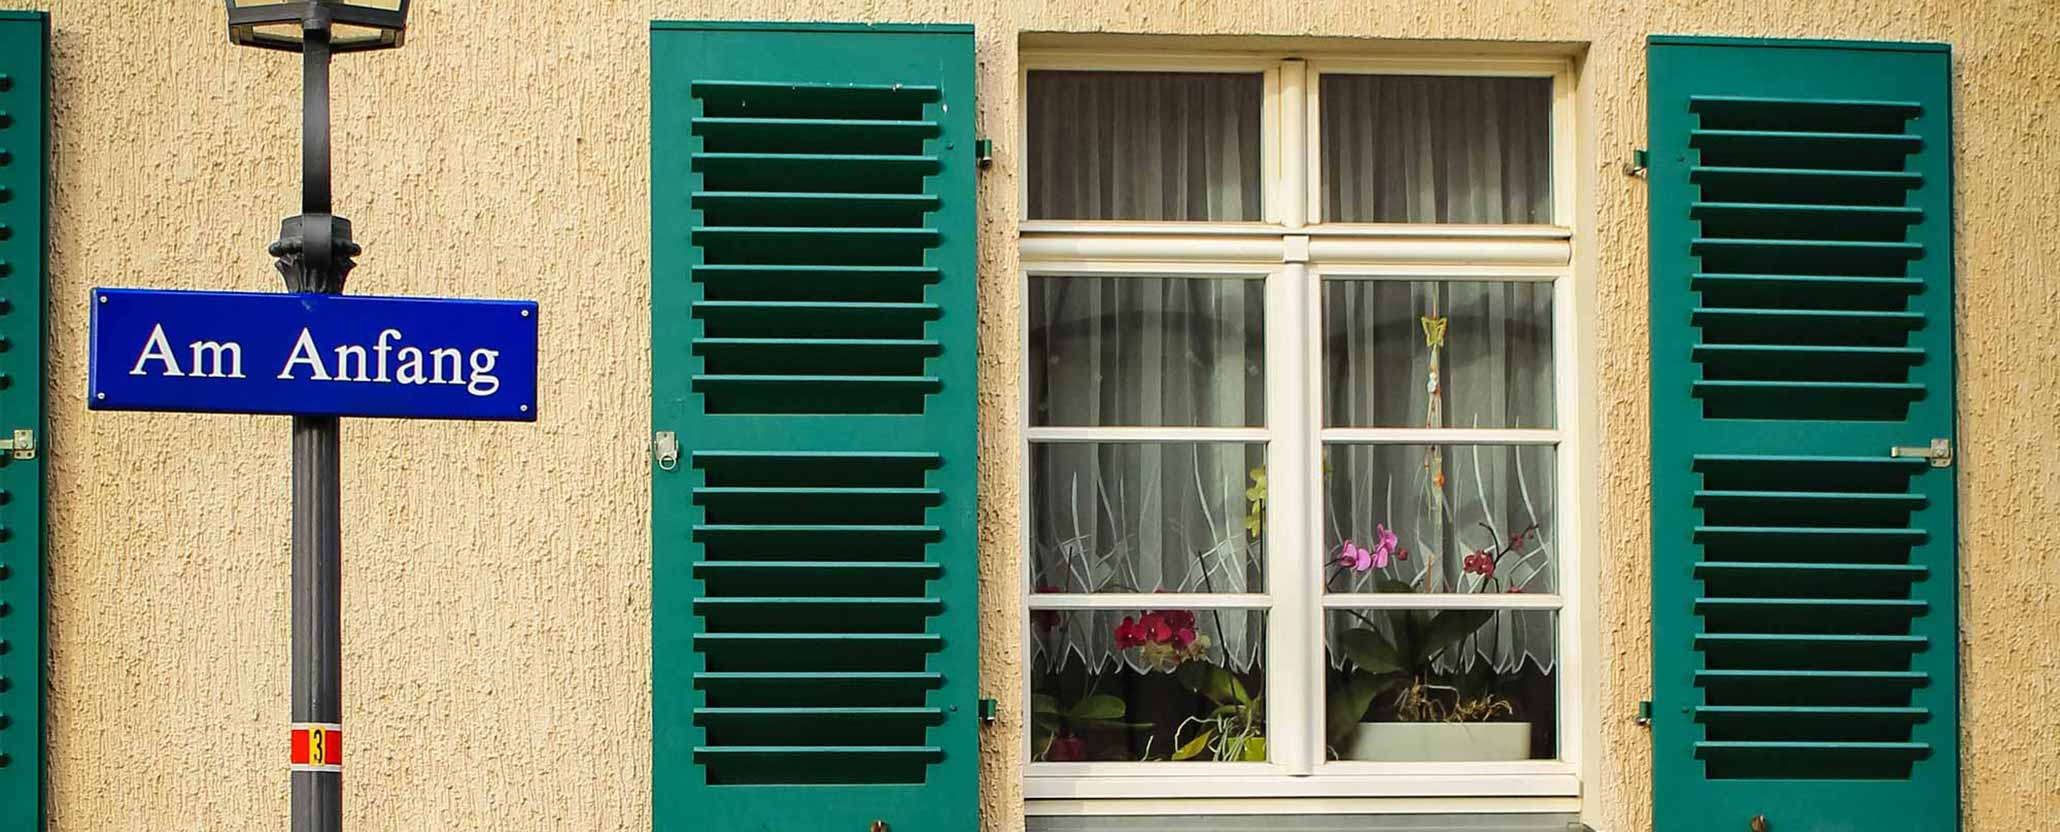 """Eine Hausfassade mit grünen Fensterläden, davor ein Straßenschild mit der Aufschrift """"Am Anfang"""""""